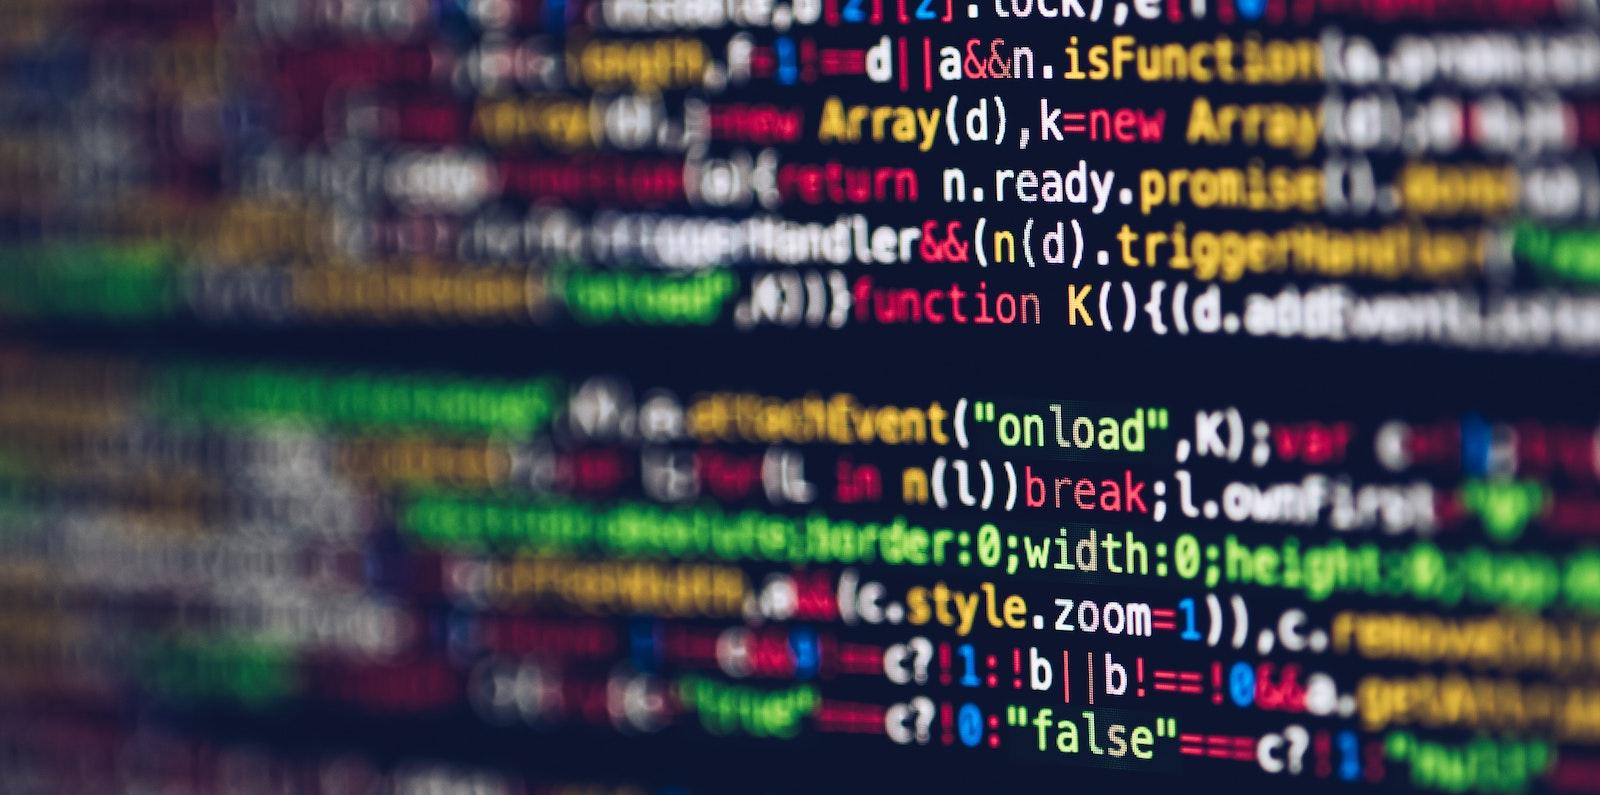 Jscrambler pomáhá firmám chránit webové stránky před kybernetickými útoky